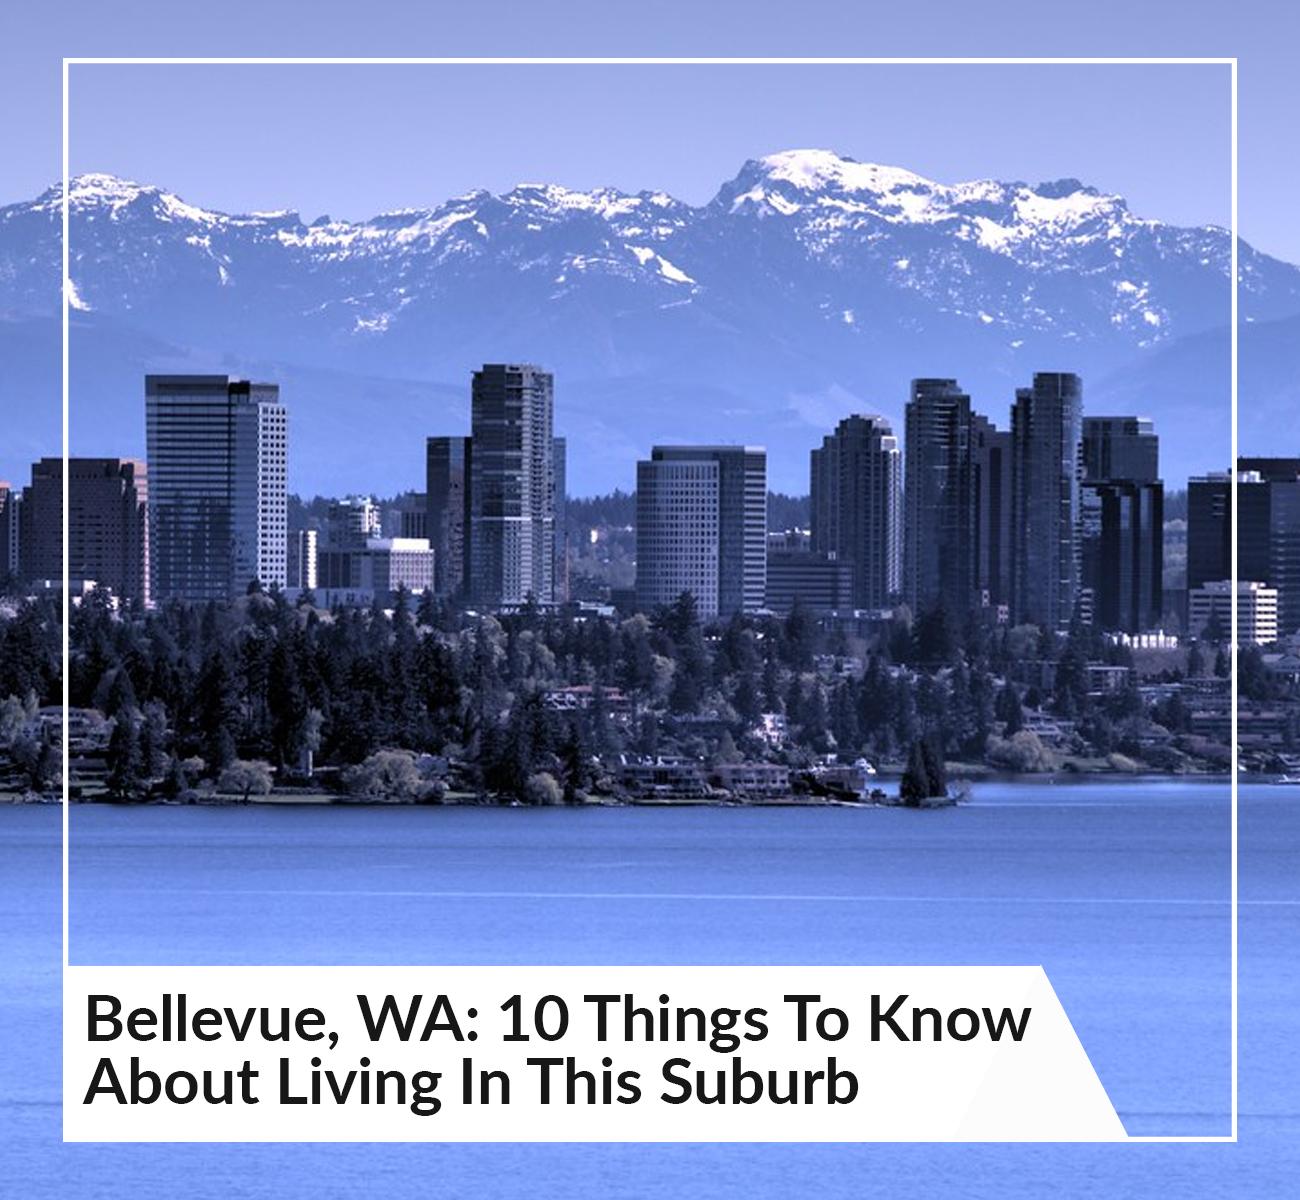 Bellevue, WA Suburbs